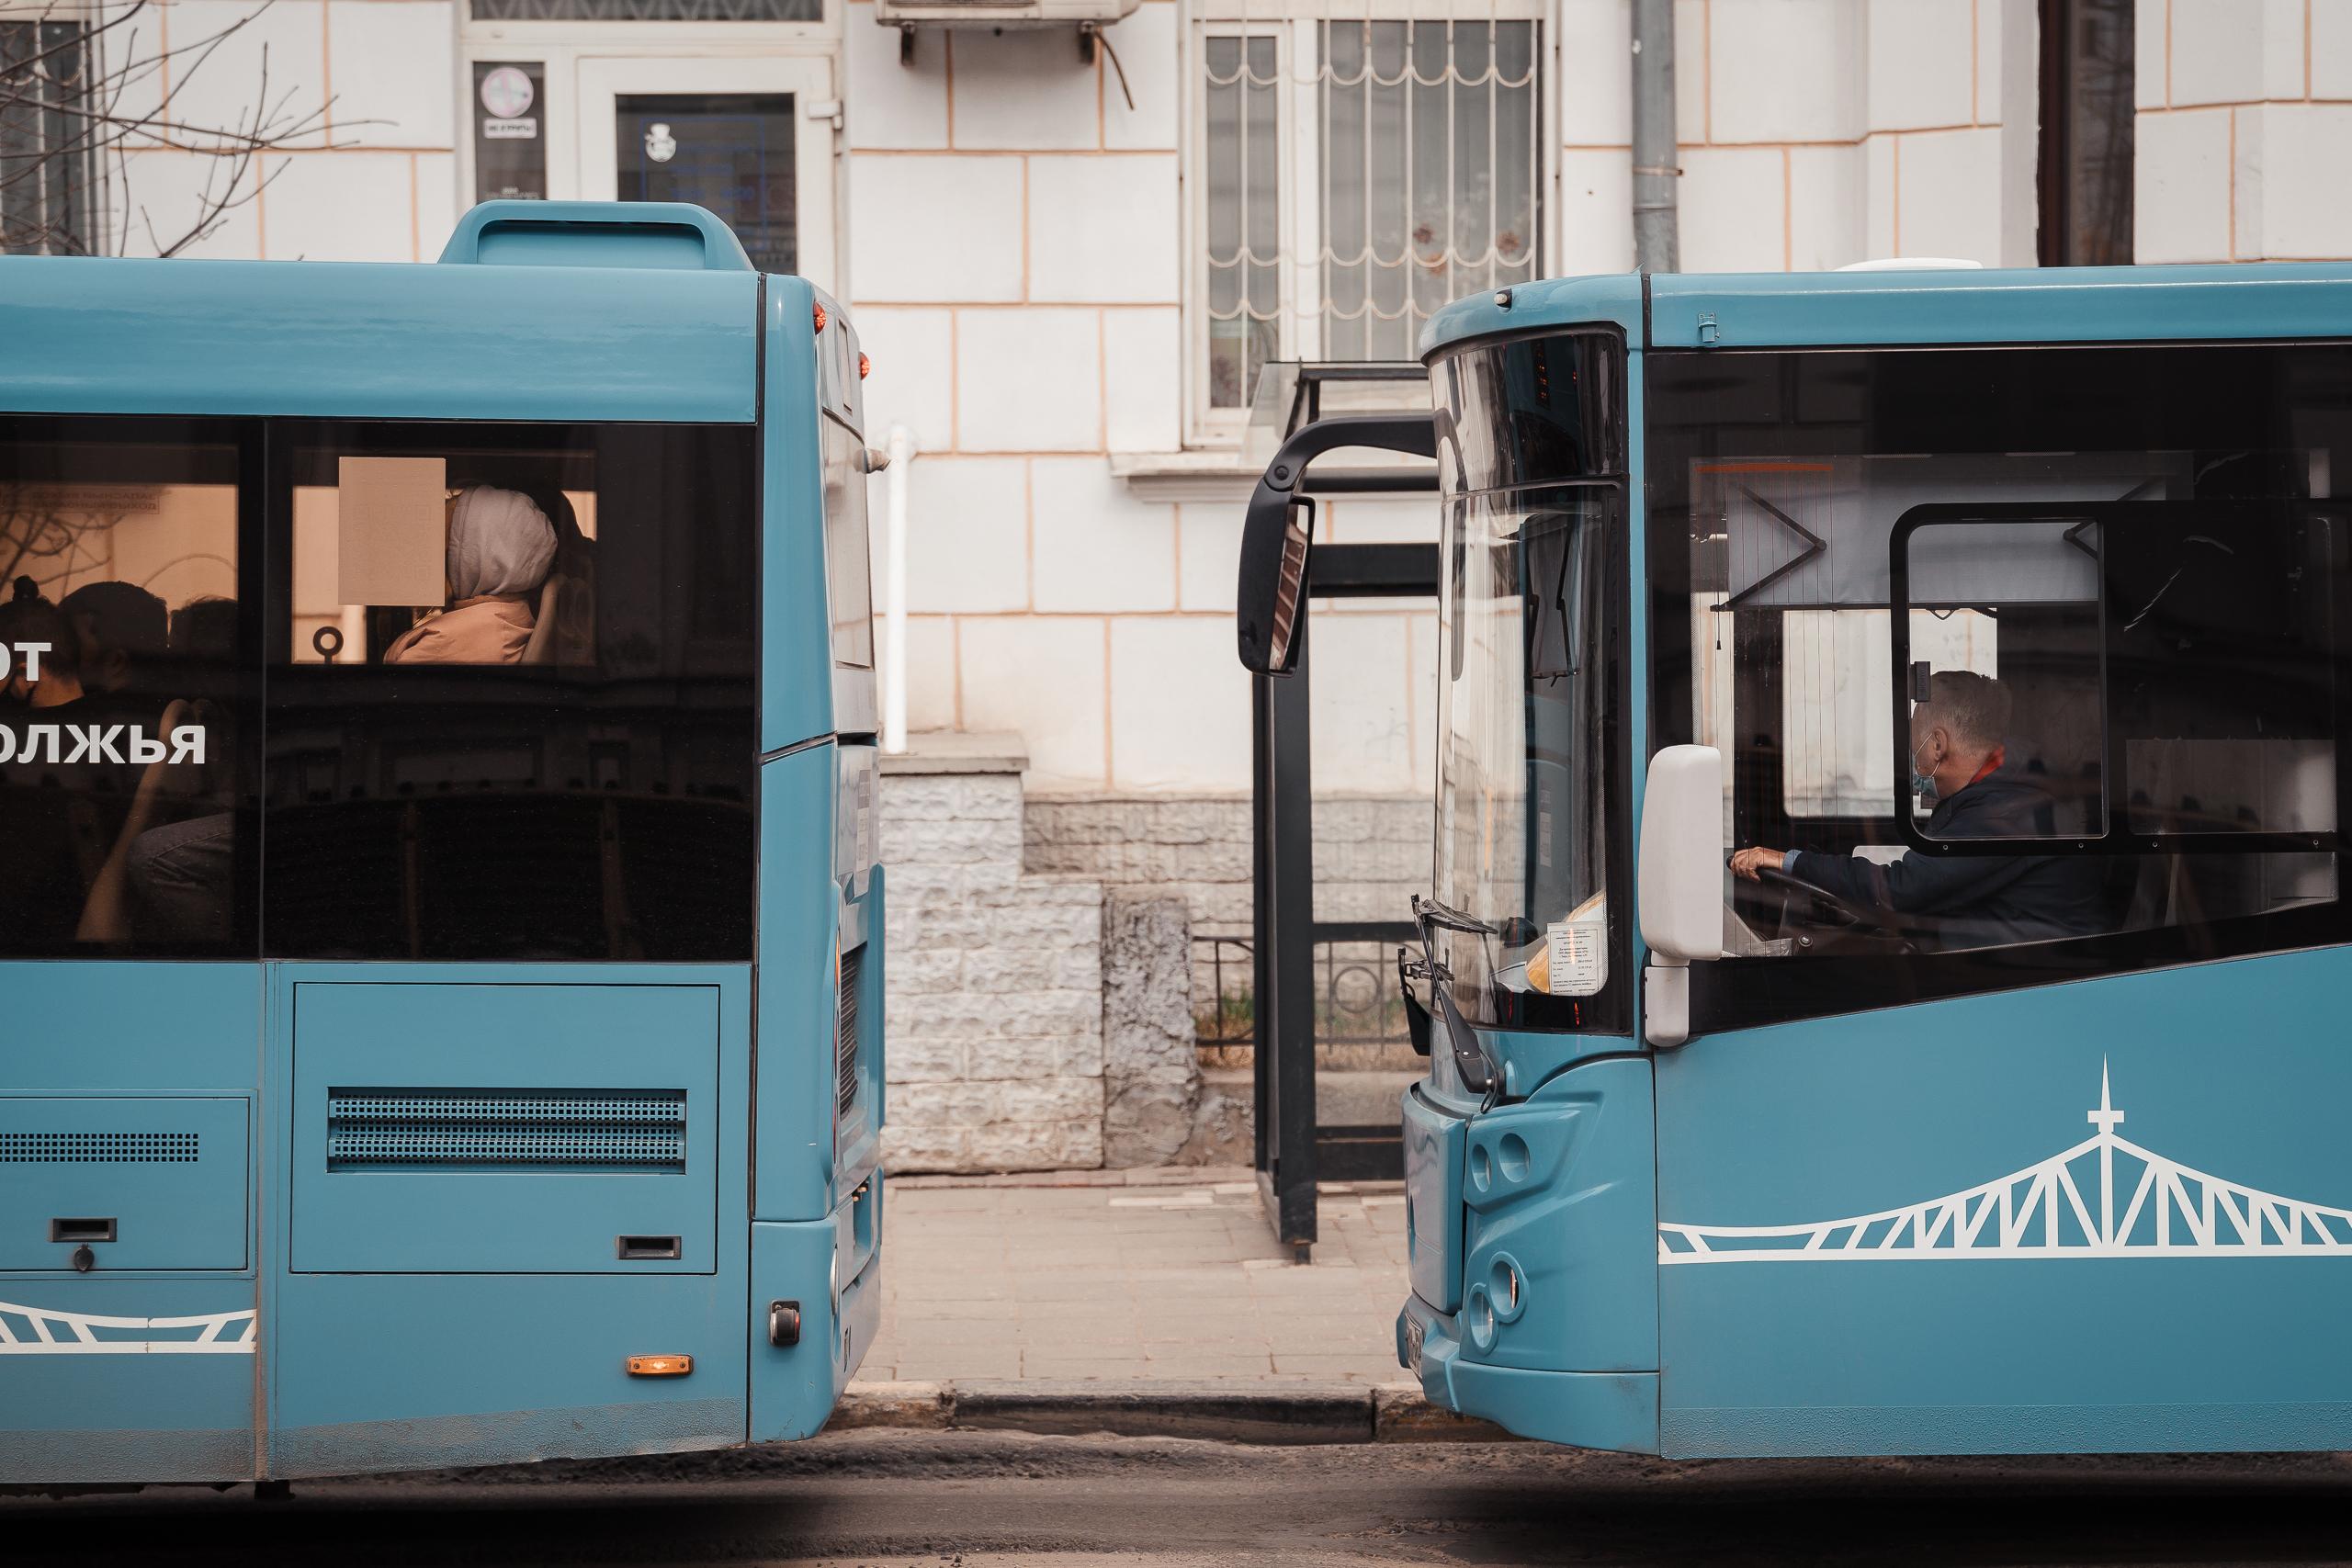 Стало известно, сколько получают водители автобусов в Твери и Калининском районе